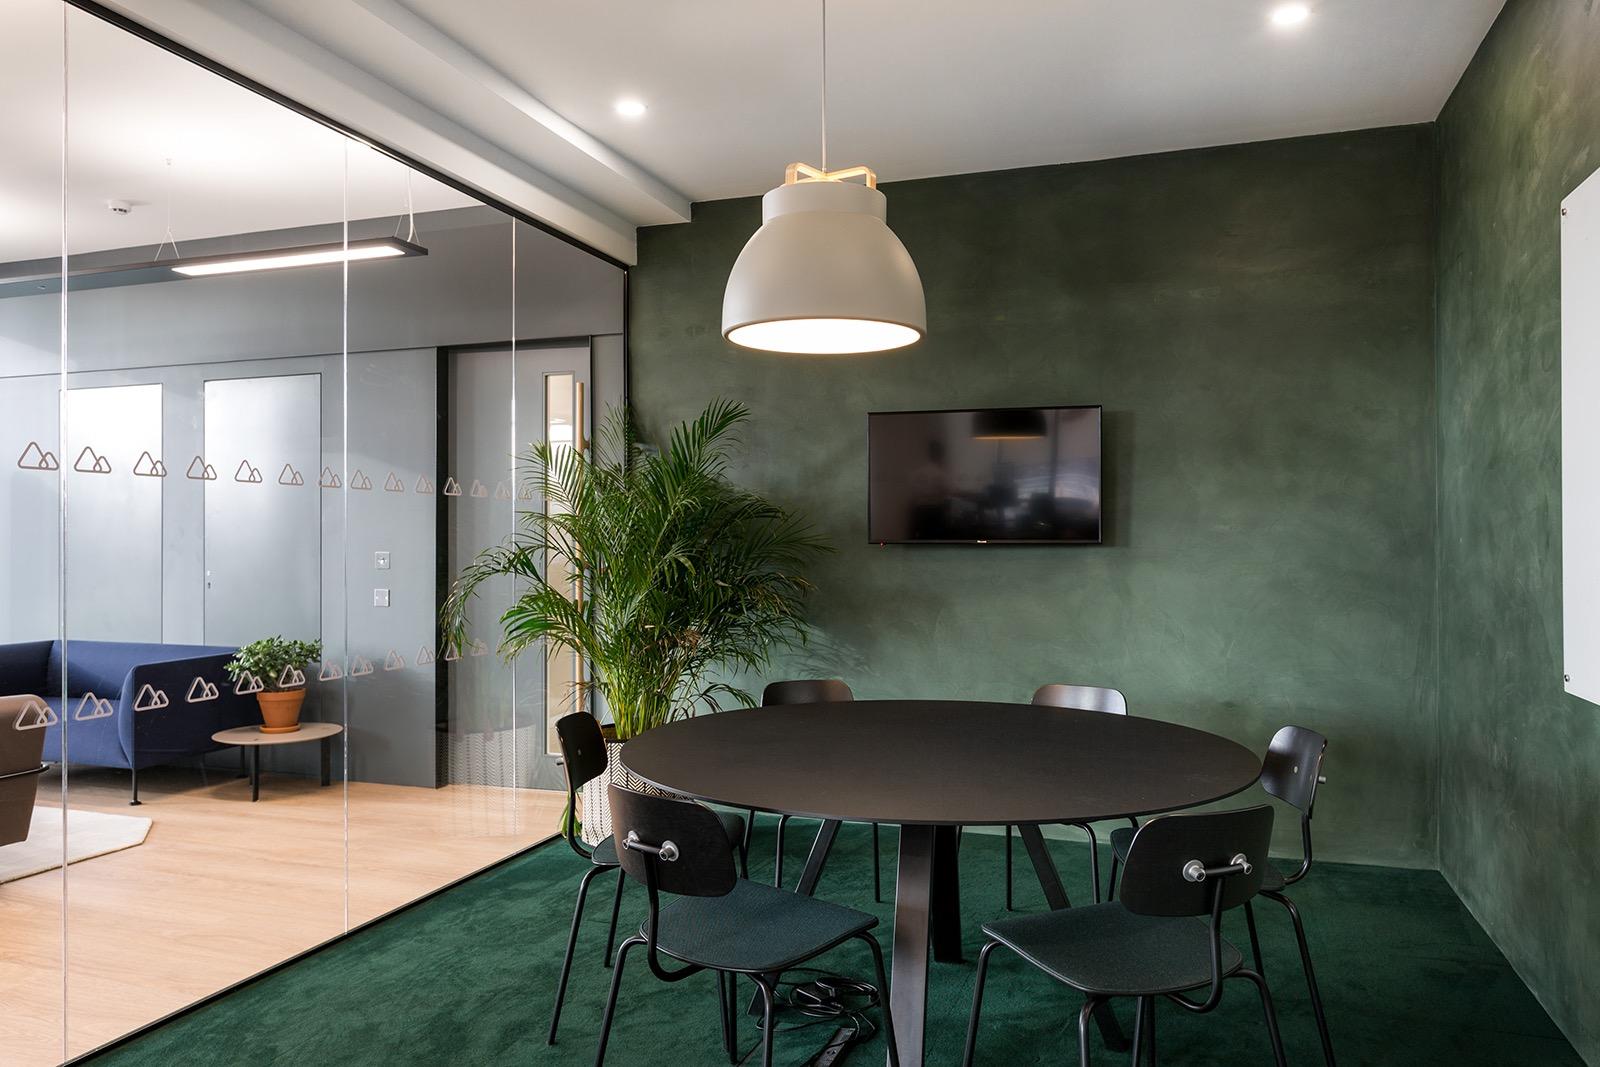 peakon-london-office-12